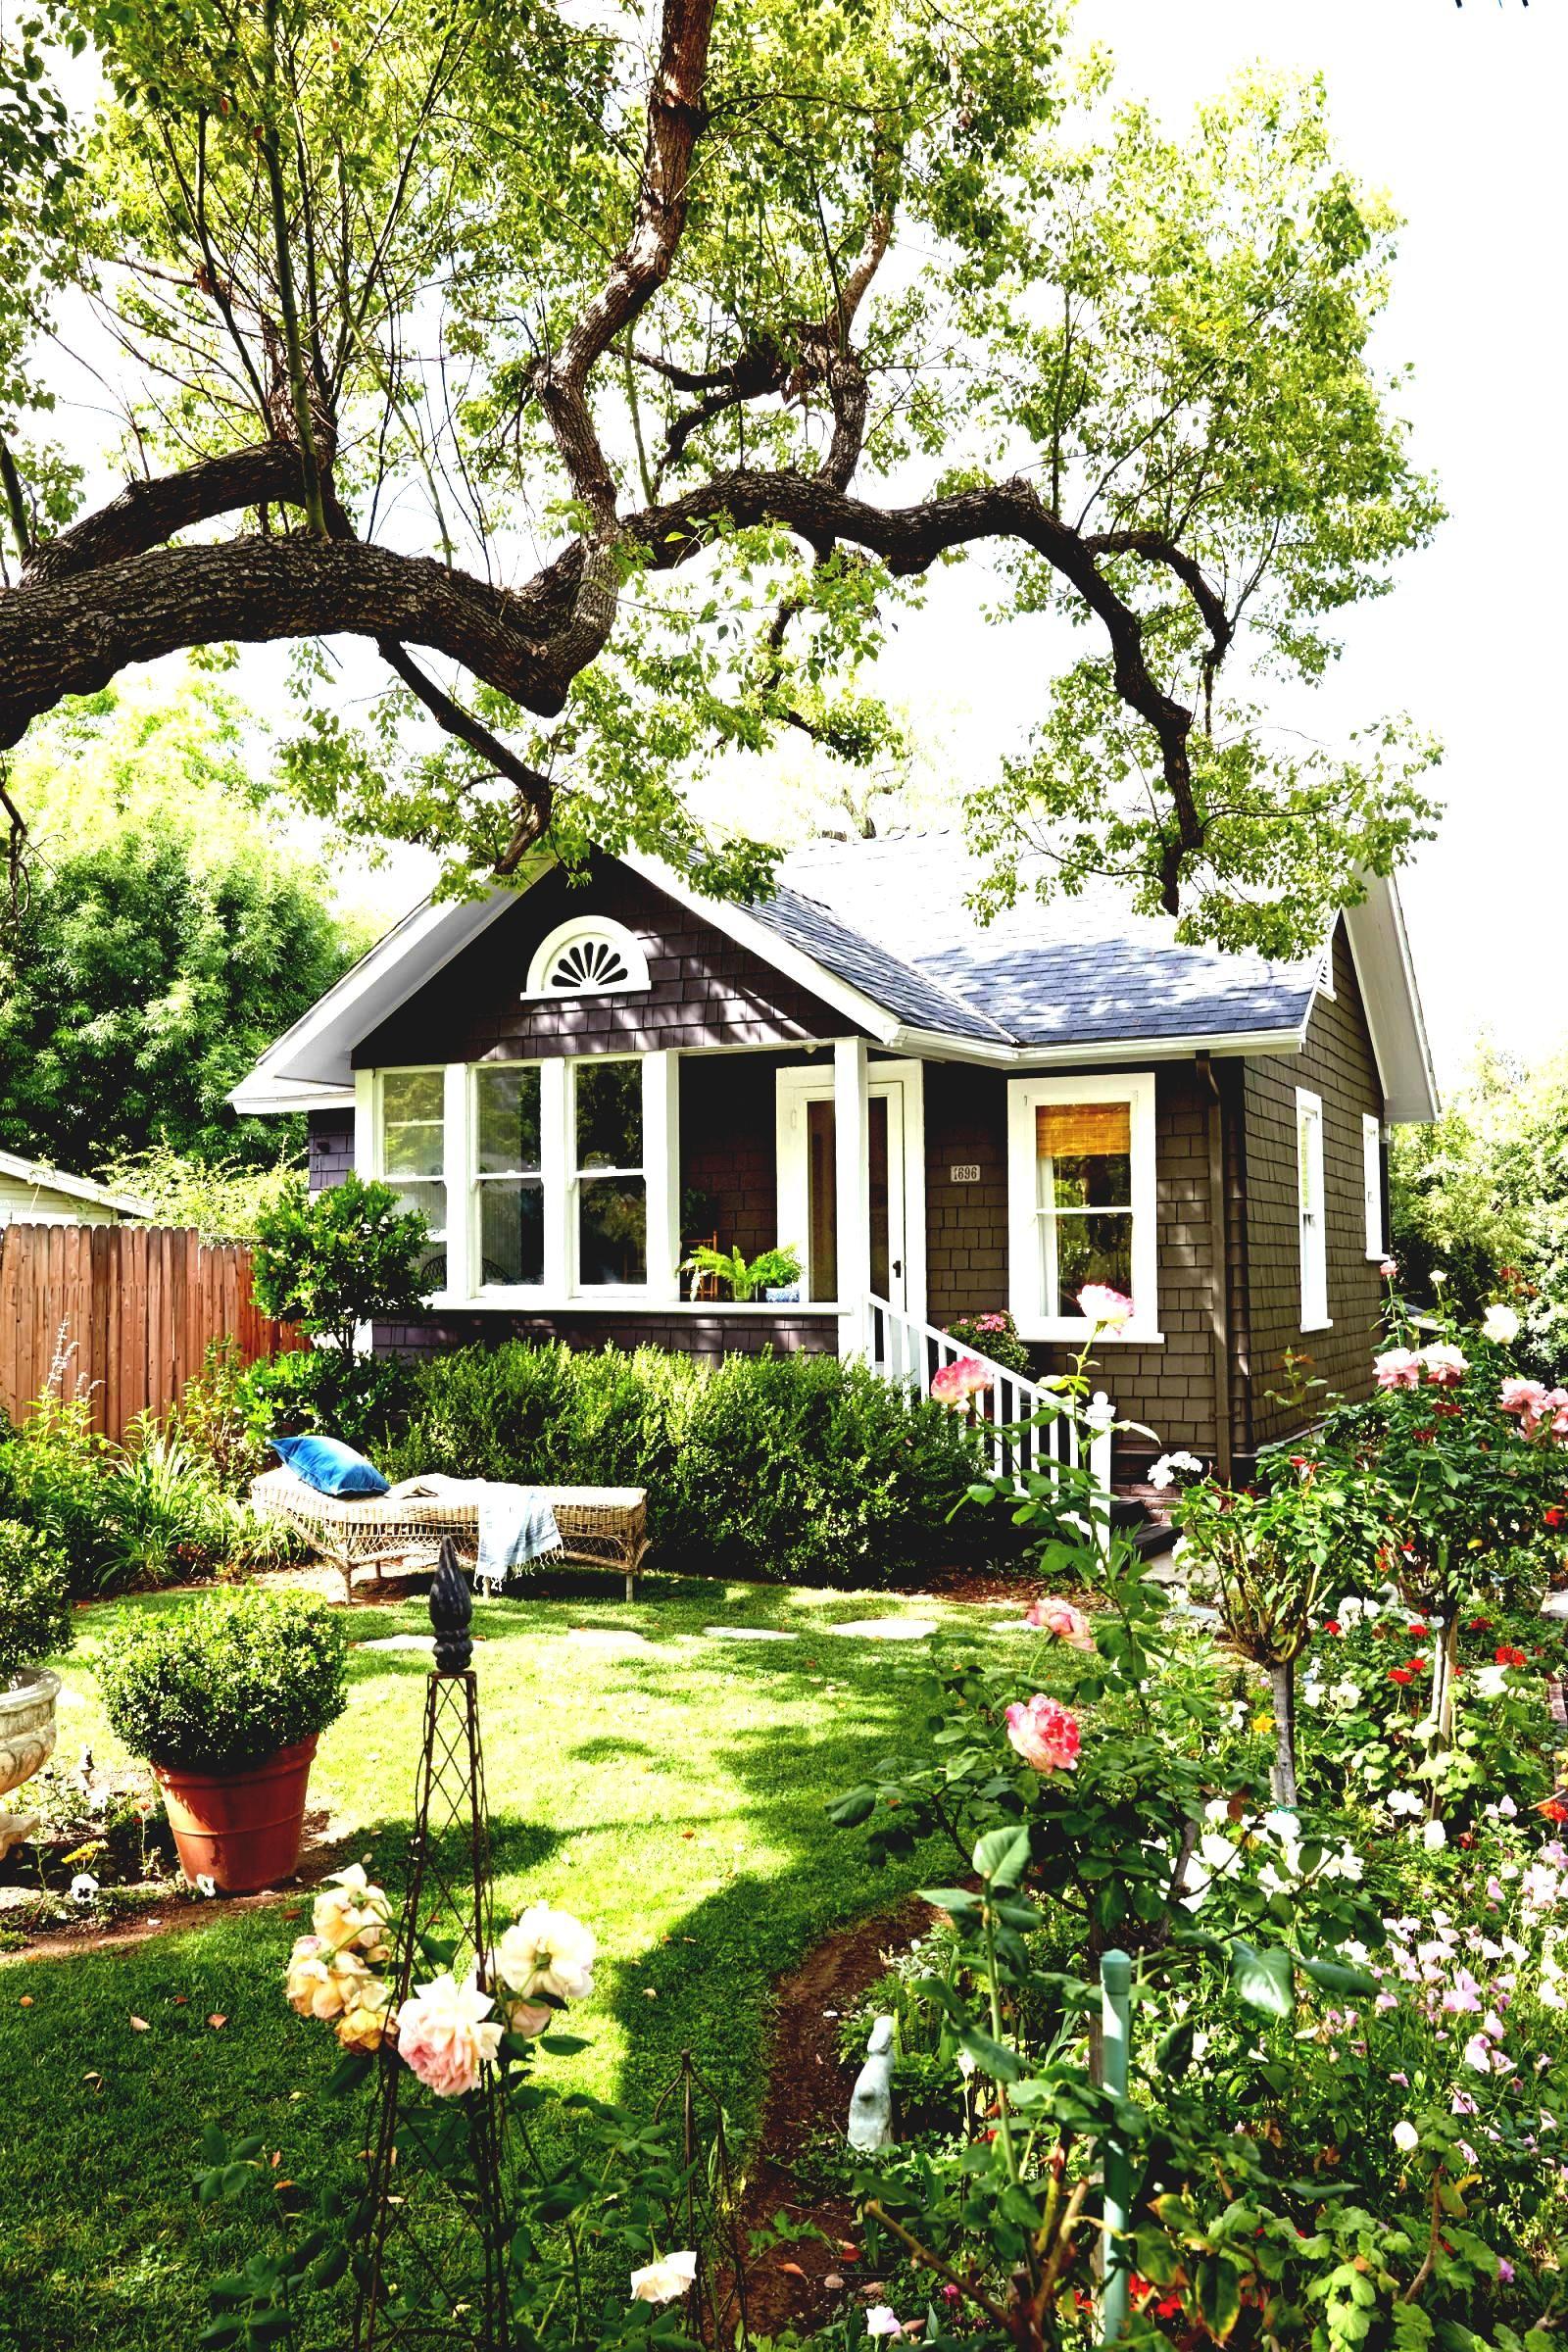 Schones Kleines Haus Garten Ideen Genial Gartendeko Little Home